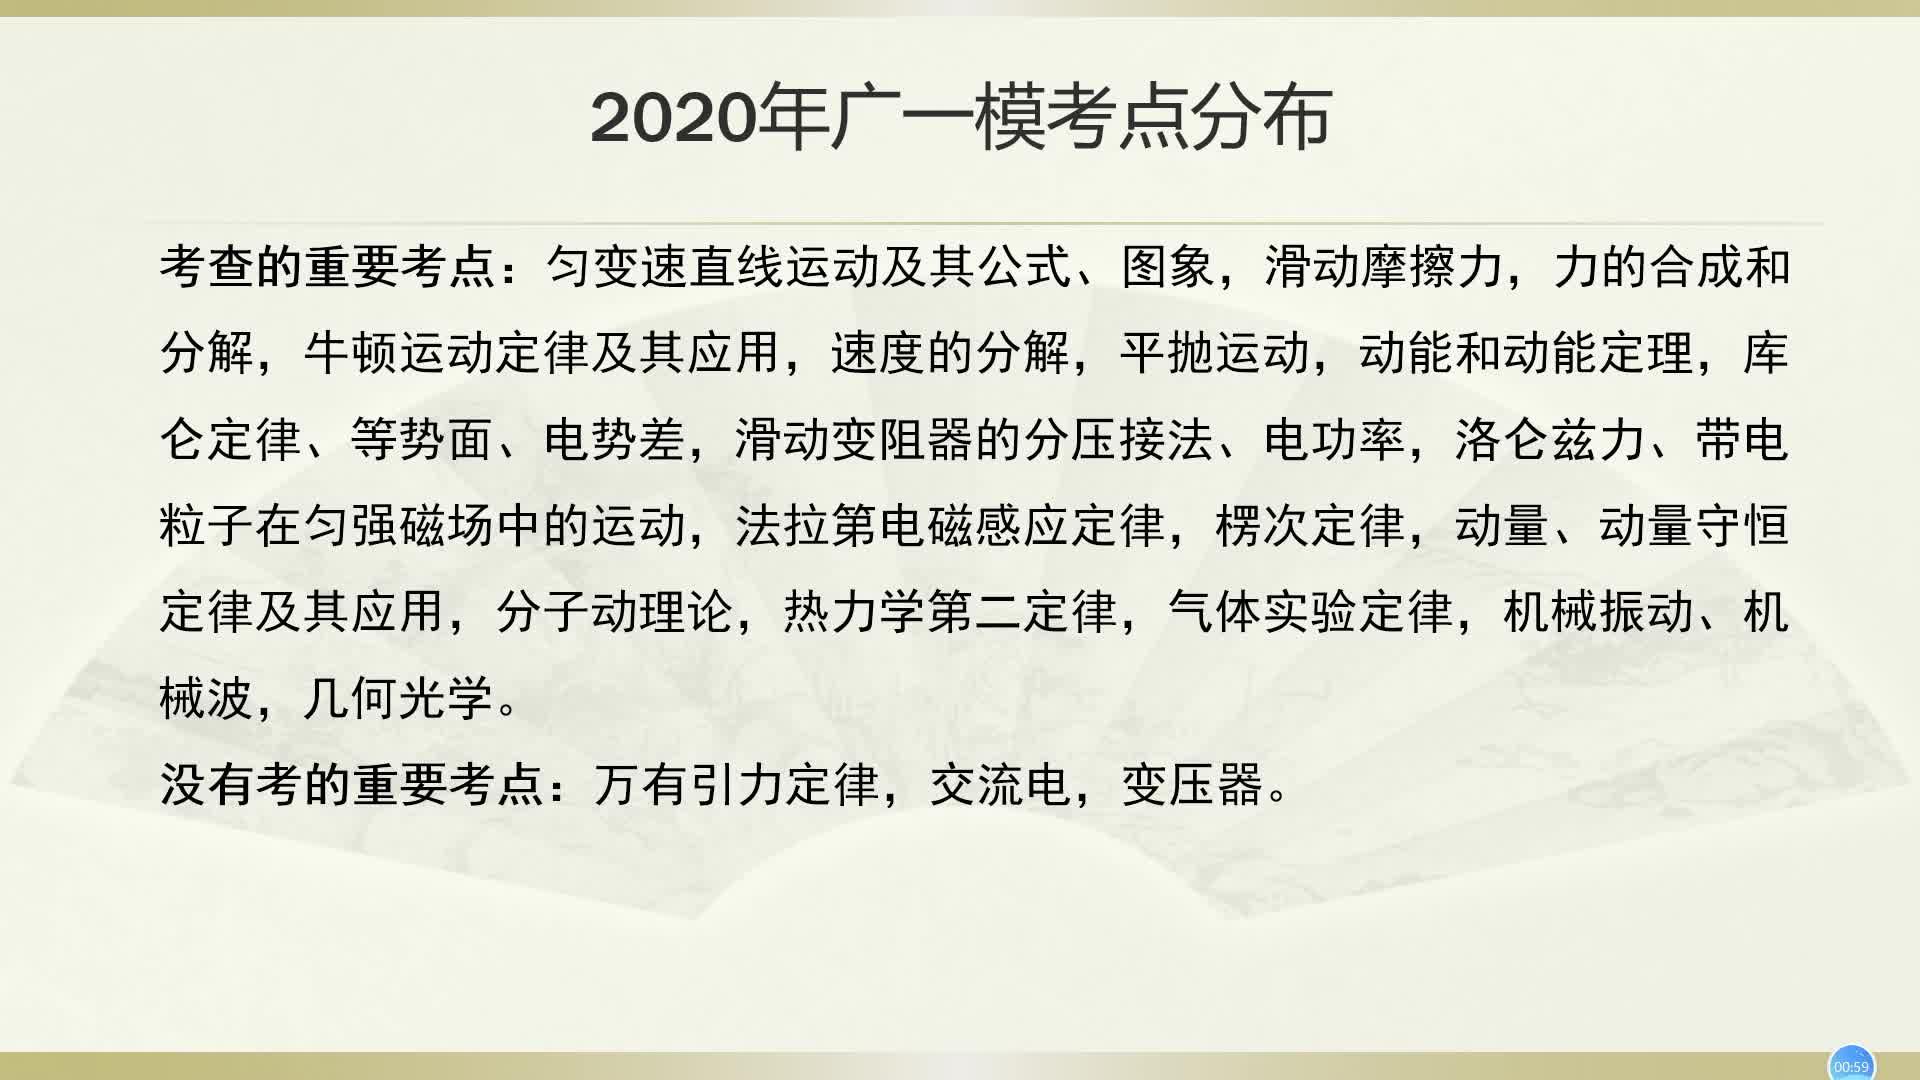 2020年5月广东省一模试题分析及备考建议讲座报告,高三物理二轮复习备考建议,选择题、实验题、计算题复习备考策略。[来自e网通极速客户端]